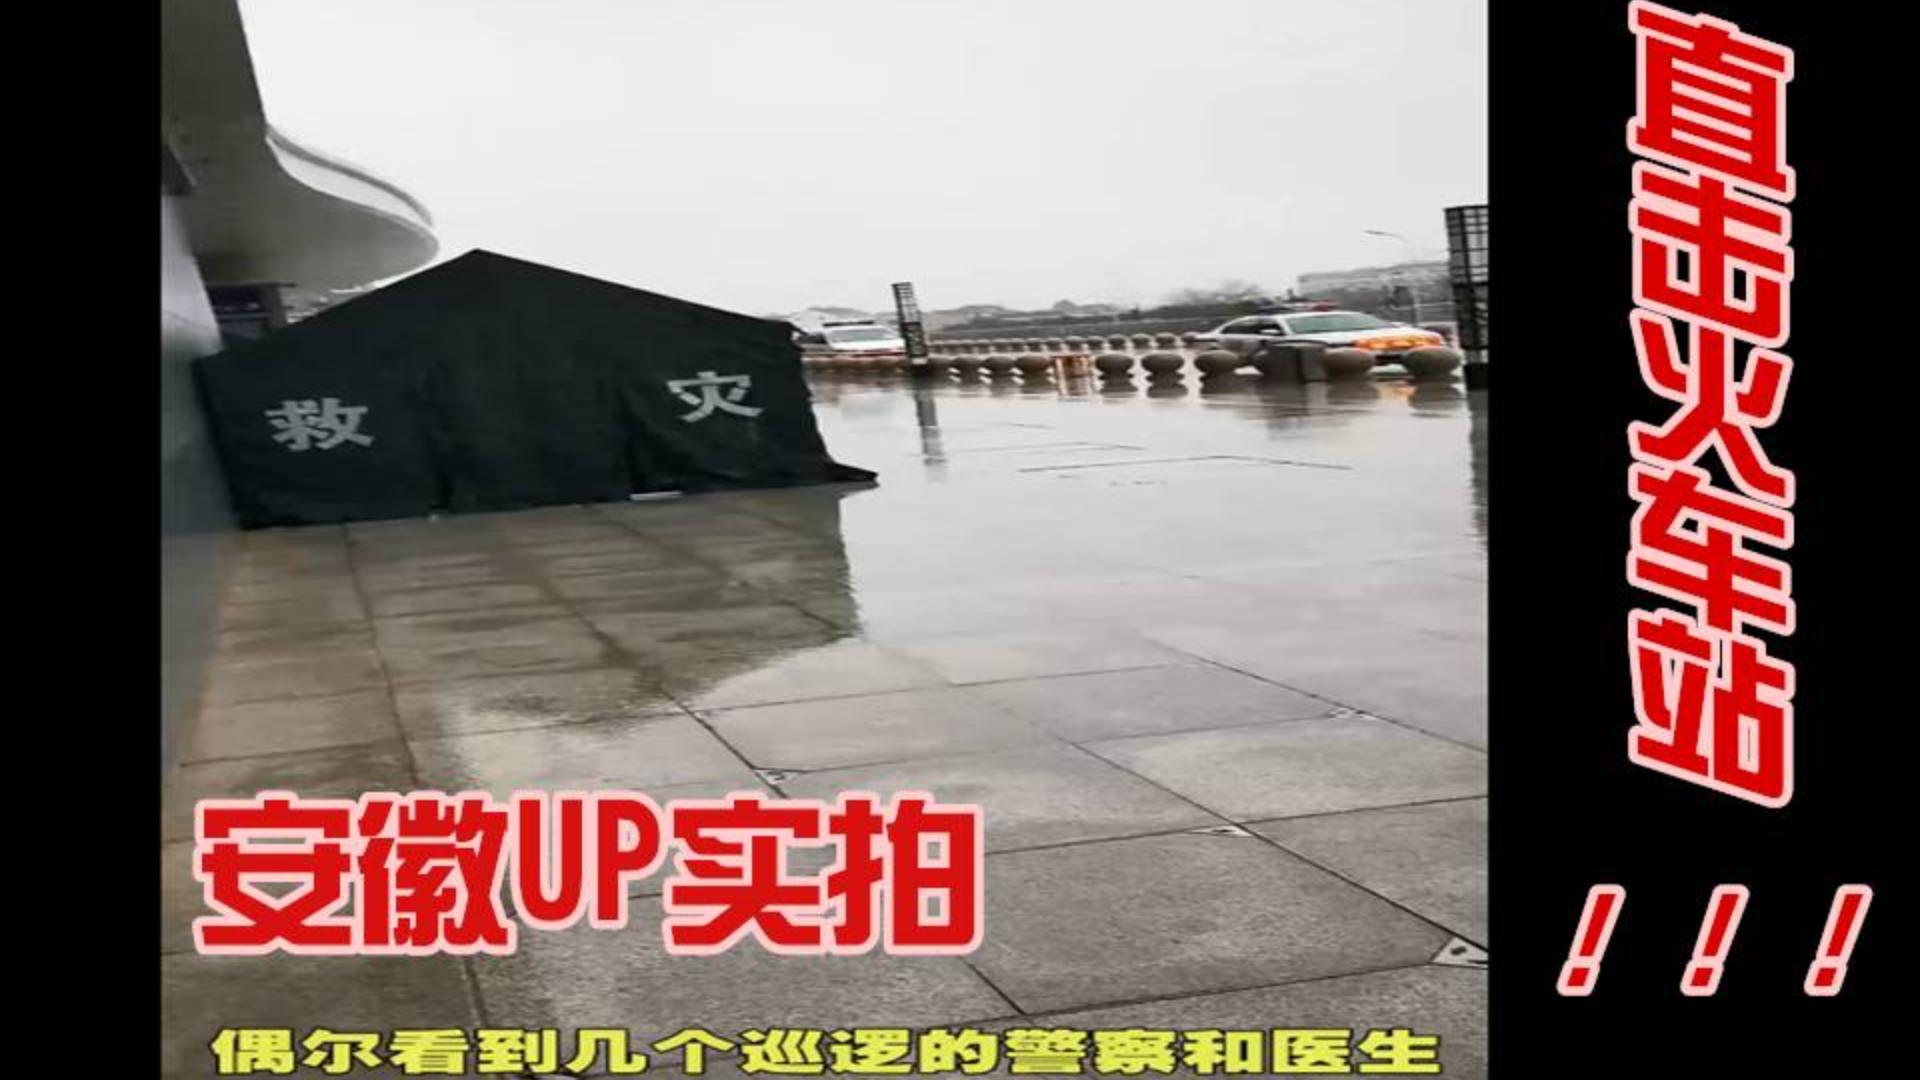 安徽UP坐火车实拍,封城后外面到底还有多少人!?